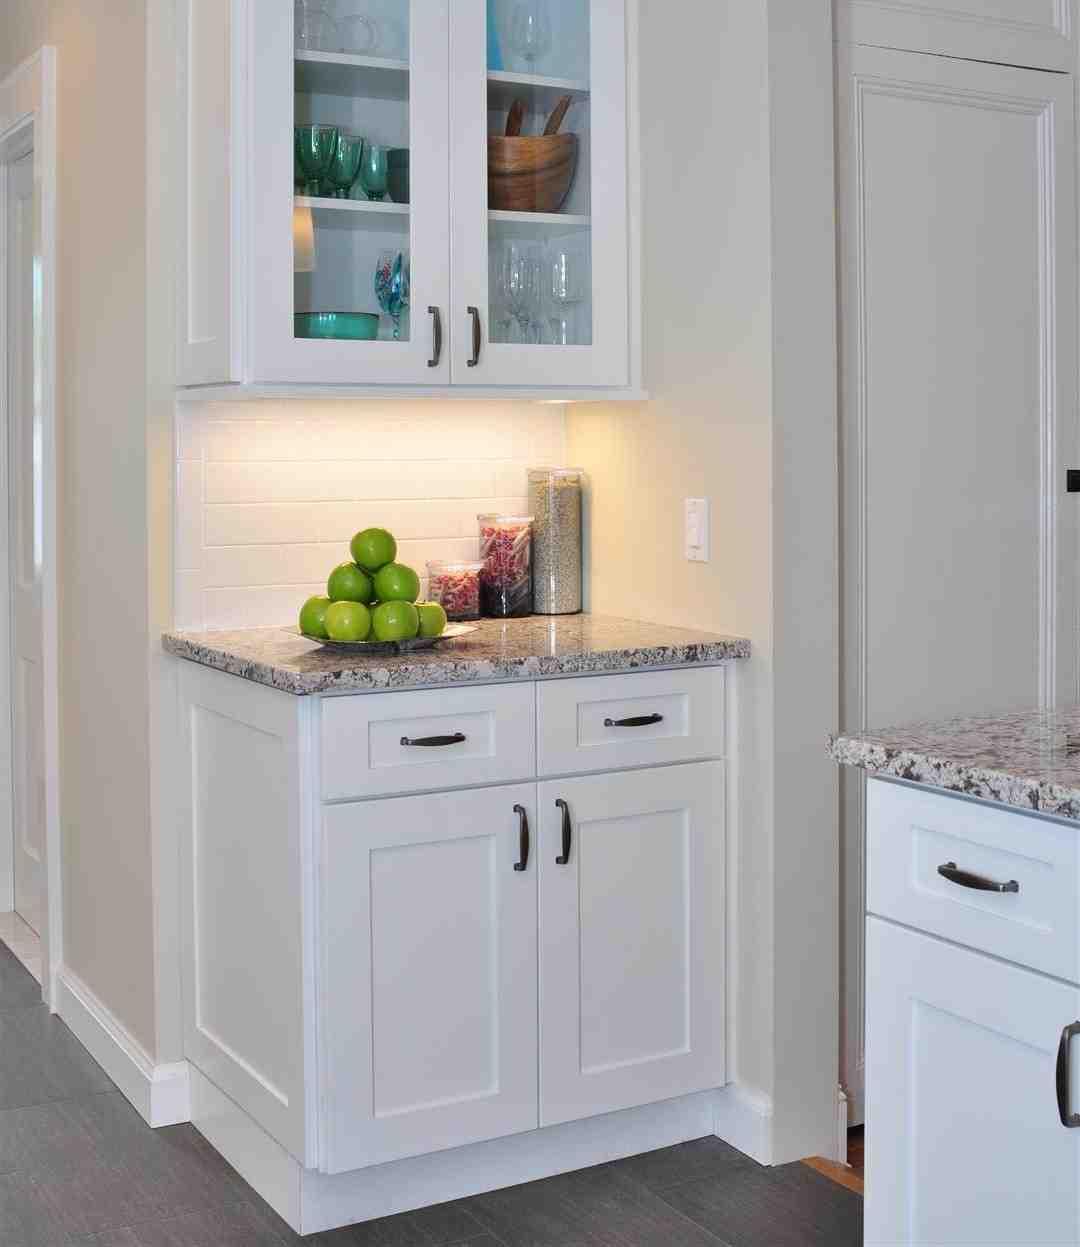 White Rta Cabinets - Home Furniture Design